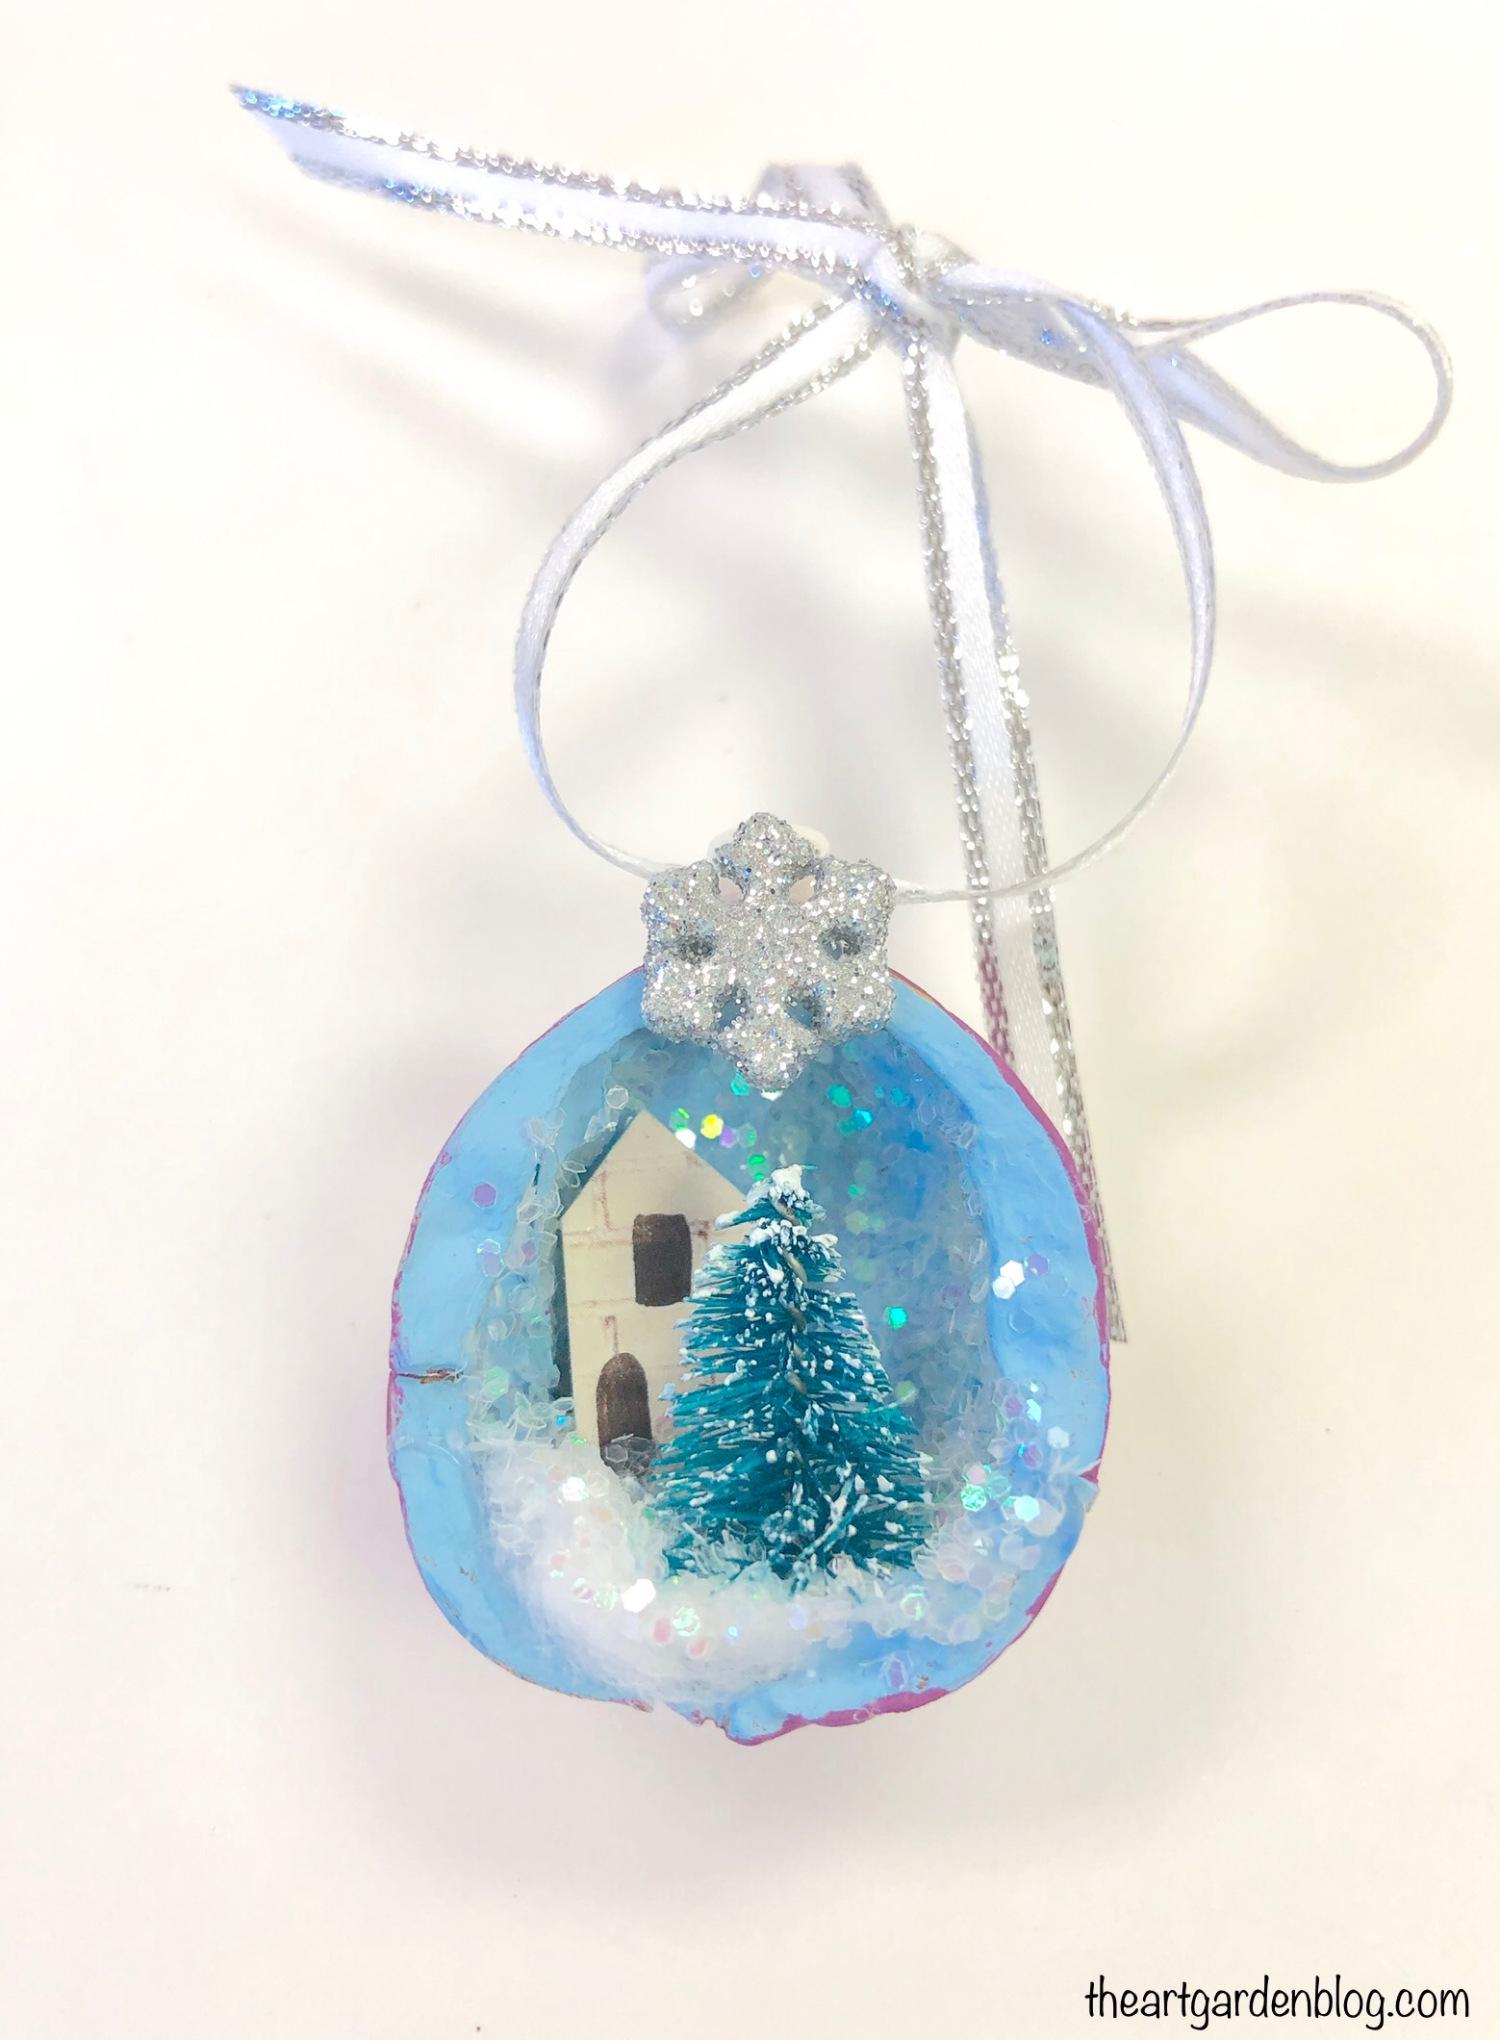 Walnut Ornament from The Art Garden